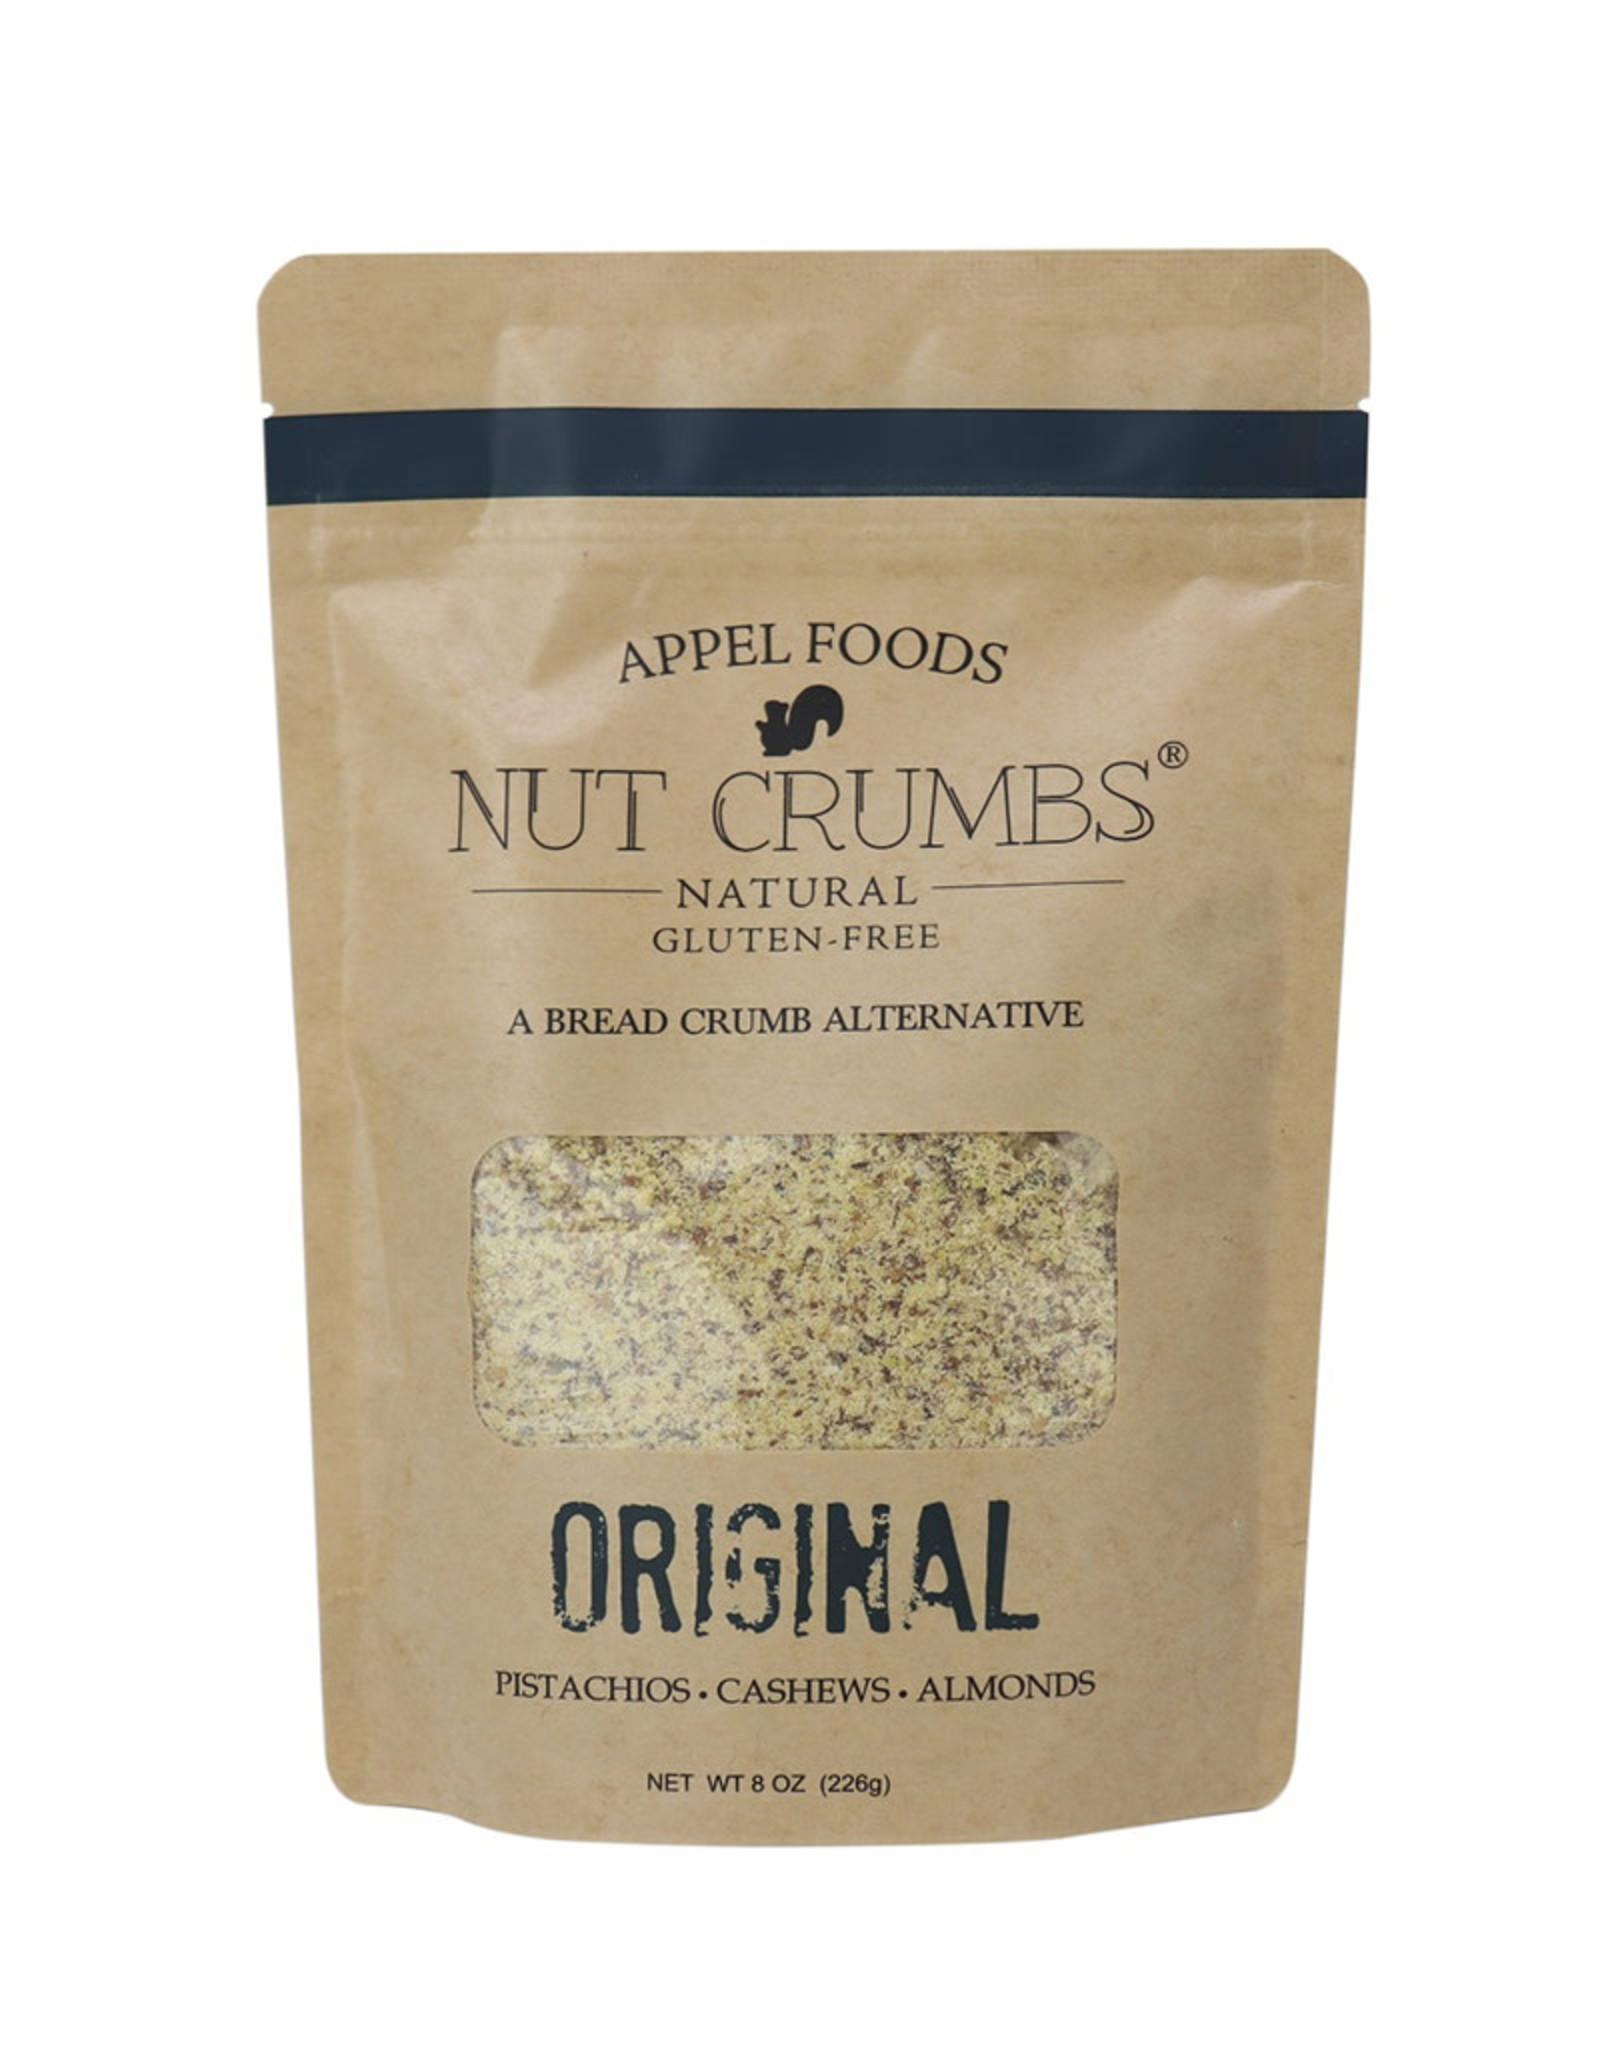 Appel Foods Appel Foods - Nut Crumbs, Original